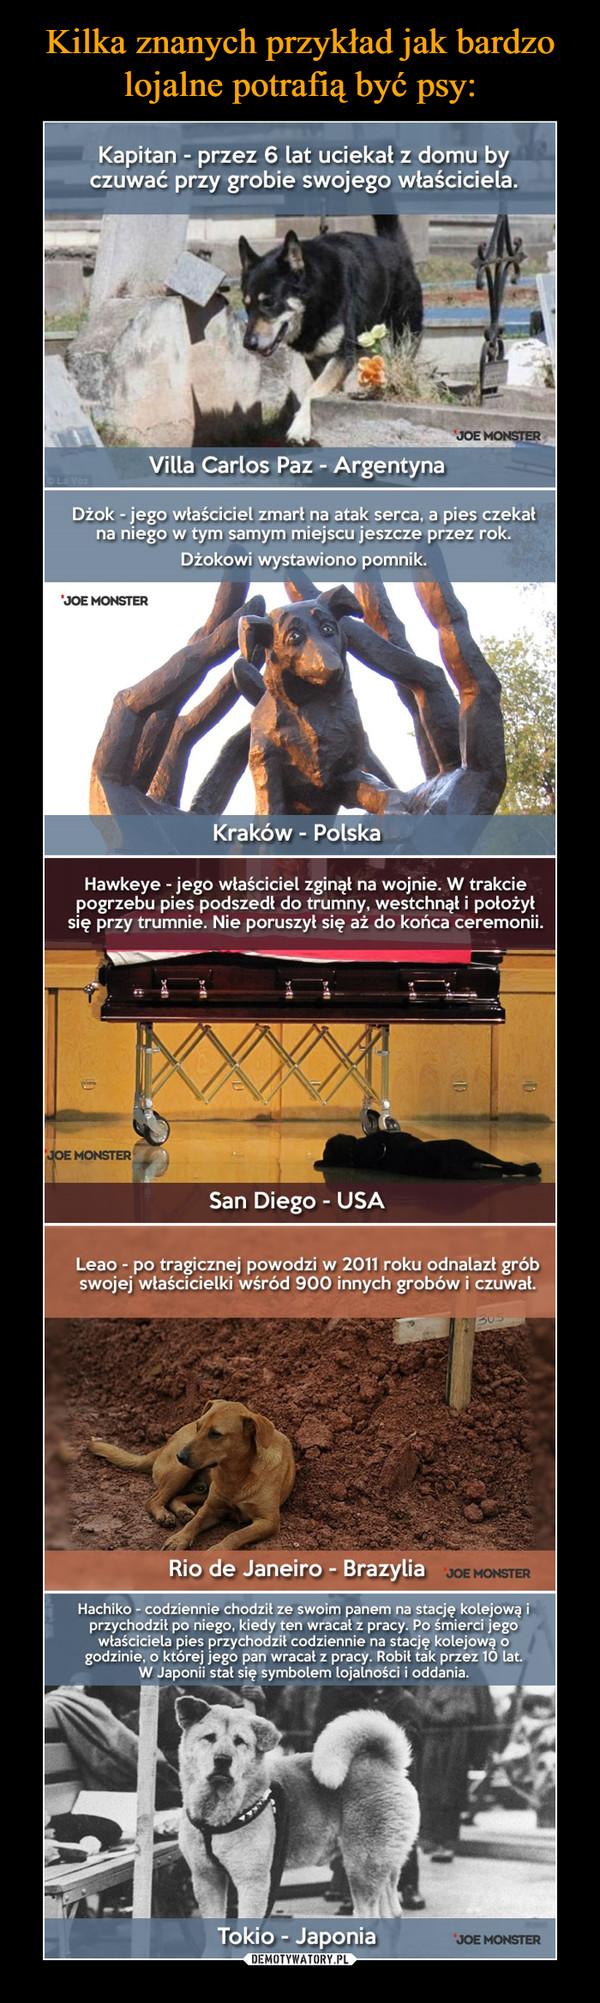 –  Kapitan - przez 6 lat uciekał z domu by czuwać przy grobie swojego właściciela. Villa Carlos Paz - Argentyna Dżok - jego właściciel zmarł na atak serca, a pies czekał na niego w tym samym miejscu jeszcze przez rok. Dżokowi wystawiono pomnik. Kraków - Polska Hawkeye - jego właściciel zginął na wojnie. W trakcie pogrzebu pies podszedł do trumny, westchnął i położył się przy trumnie. Nie poruszył się aż do końca ceremonii. • ••■•■■•■• San Diego - USA Leao - po tragicznej powodzi w 2011 roku odnalazł grób swojej właścicielki wśród 900 innych grobów i czuwał. Rio de Janeiro - Brazylia Hachiko - codziennie chodzik ze swoim panem na stację kolejową i przychodził po niego, kiedy ten wracał z pracy. Po śmierci jego właściciela pies przychodzi' codziennie na stację kolejową o godzinie, o której jego pan wracał z pracy. Robił tak przez 10 lat. W Japonii stał się symbolem lojalności i oddania. Tokio - Japonia